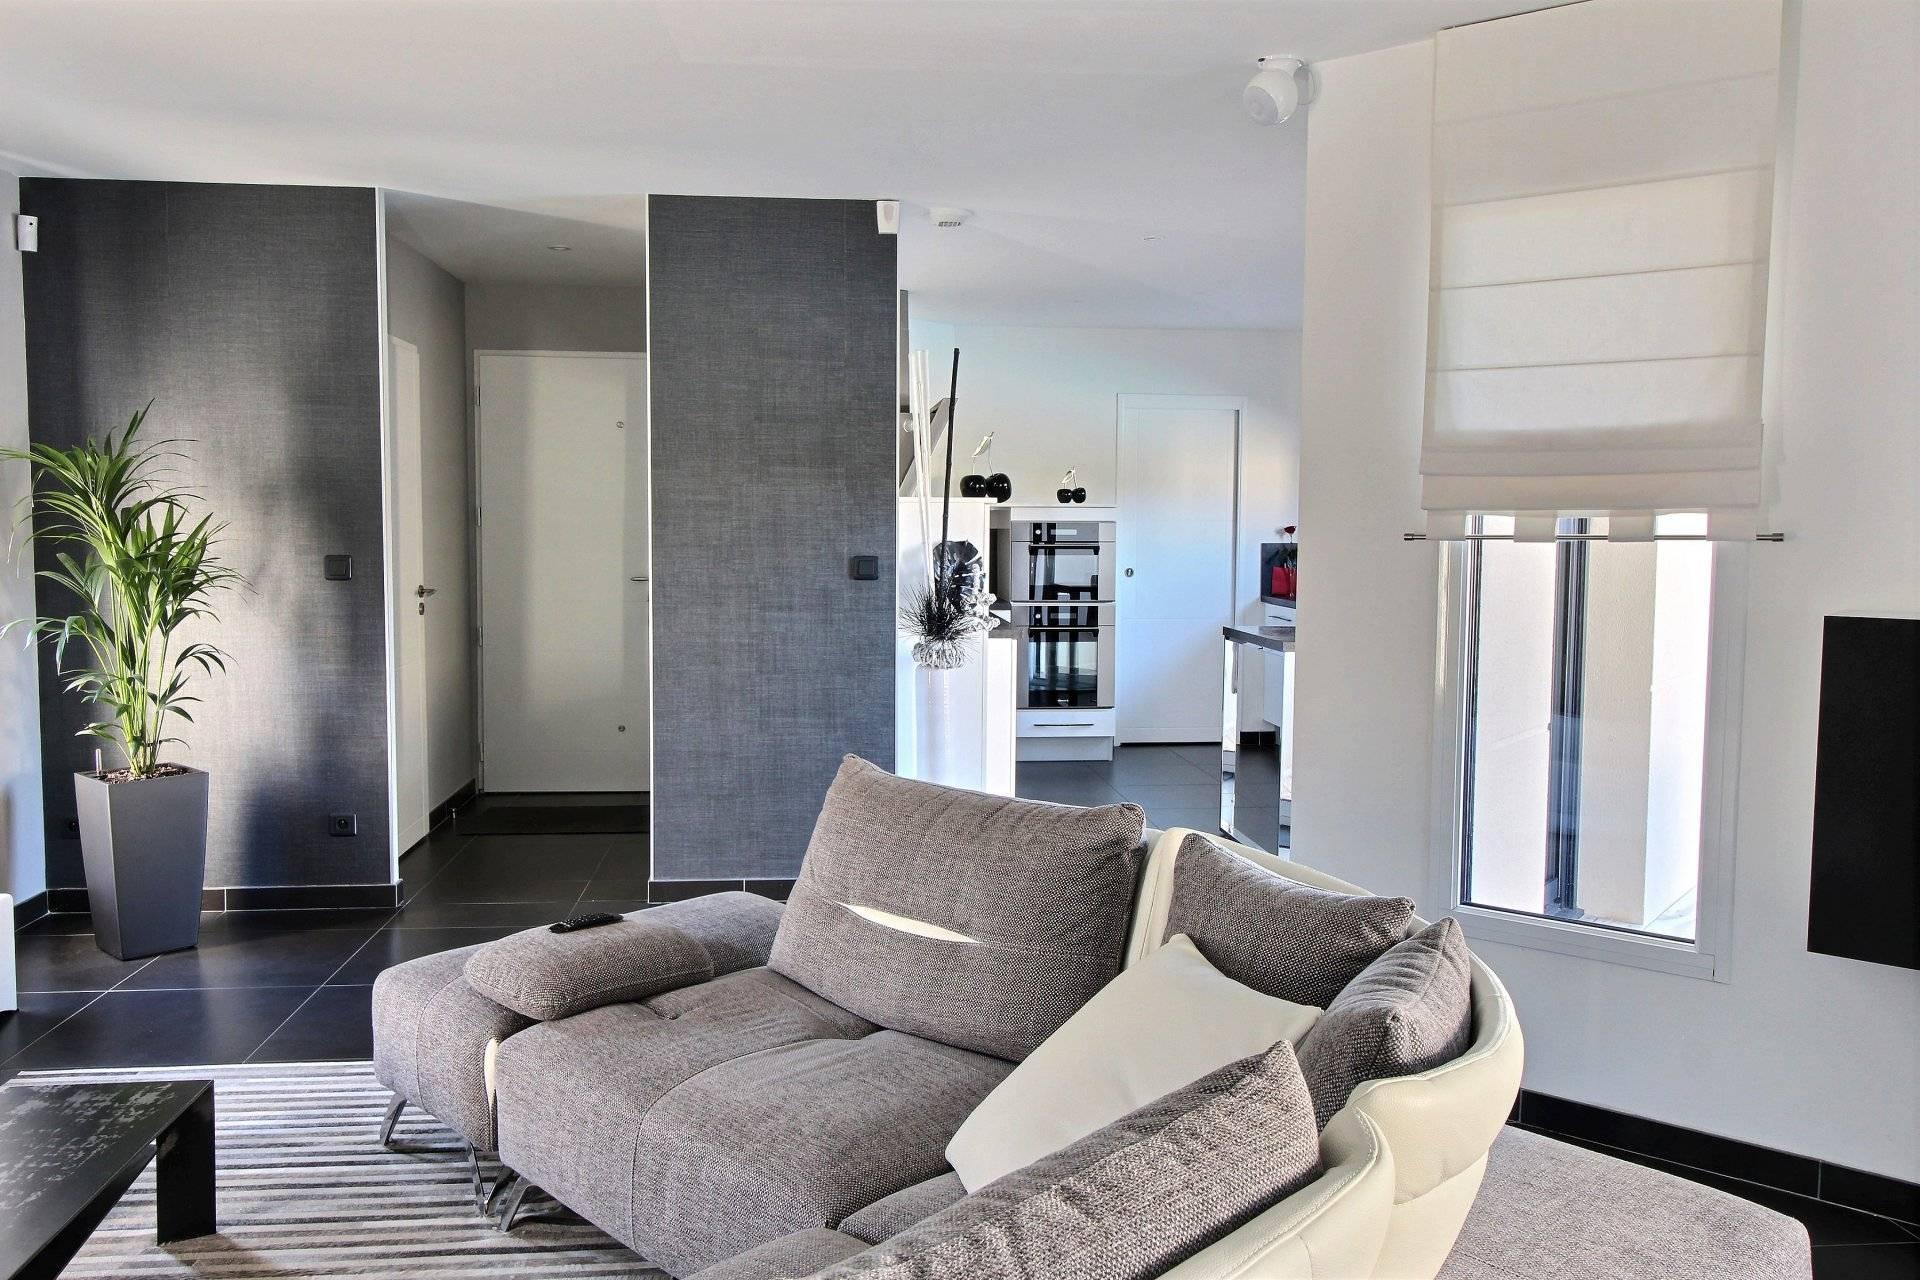 Belle maison contemporaine plain pied 3 chambres avec piscine chauff e vendre gujan mestras - Belle maison plain pied ...